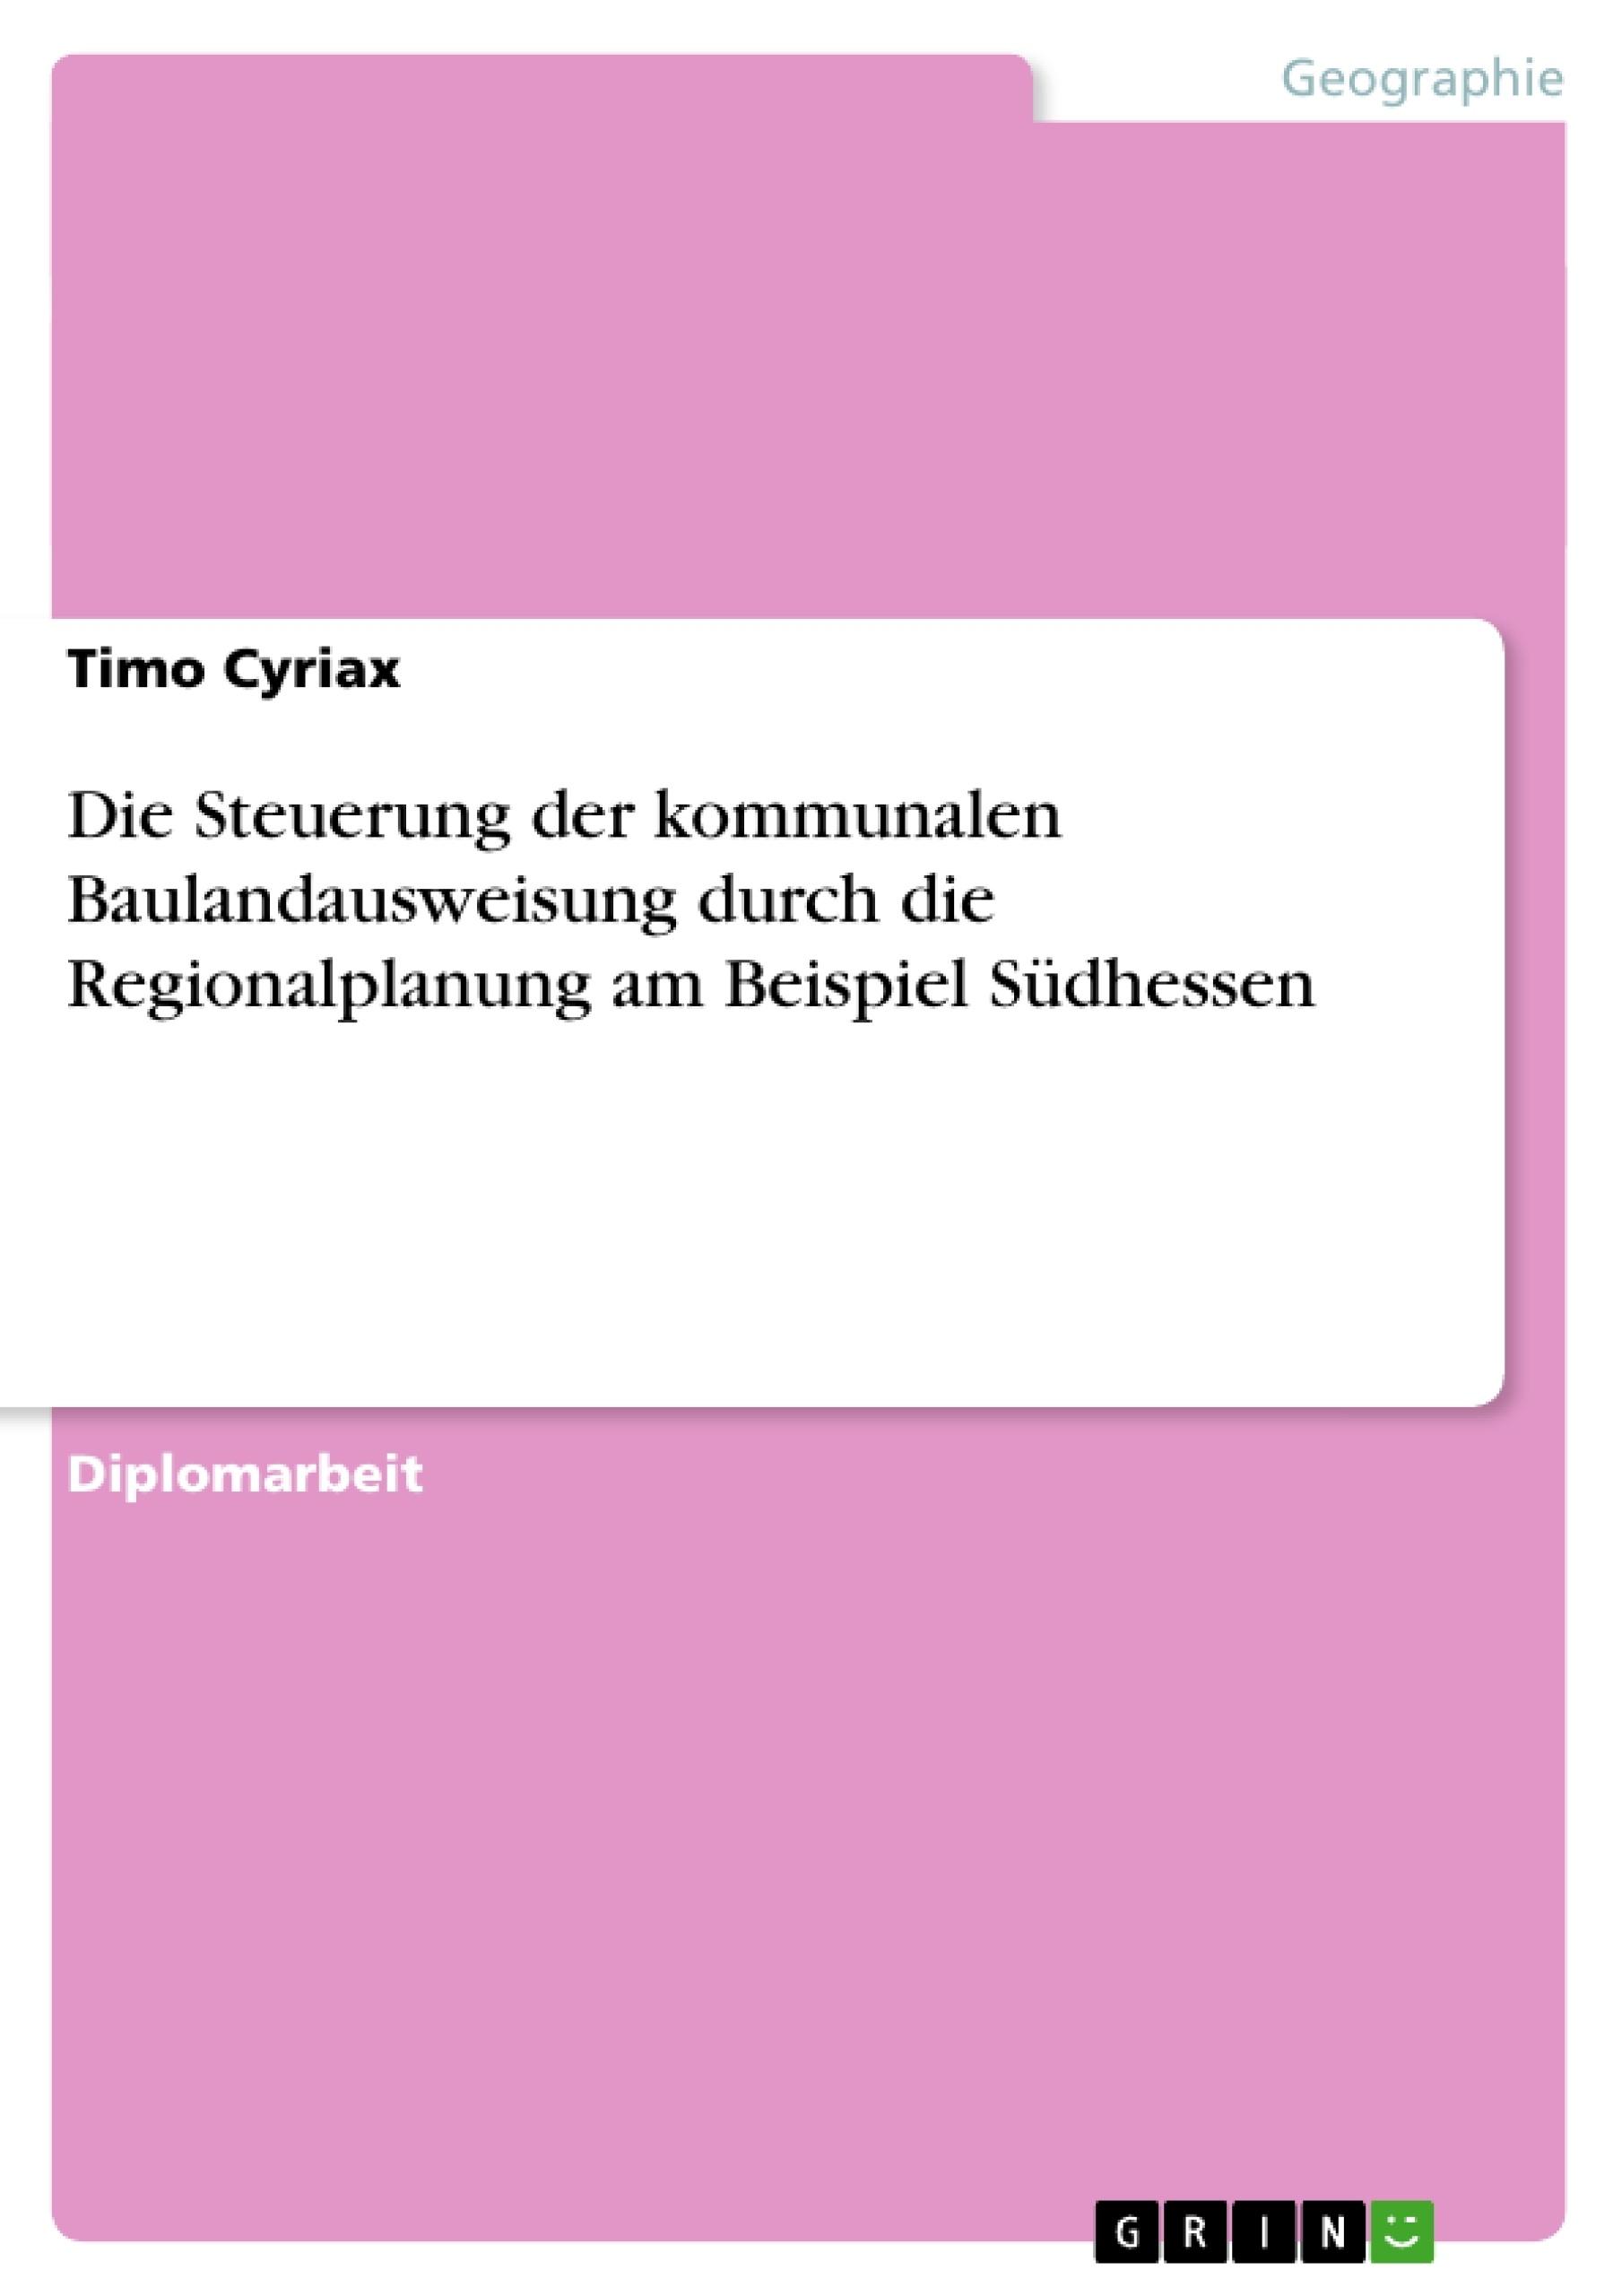 Titel: Die Steuerung der kommunalen Baulandausweisung  durch die Regionalplanung am Beispiel Südhessen